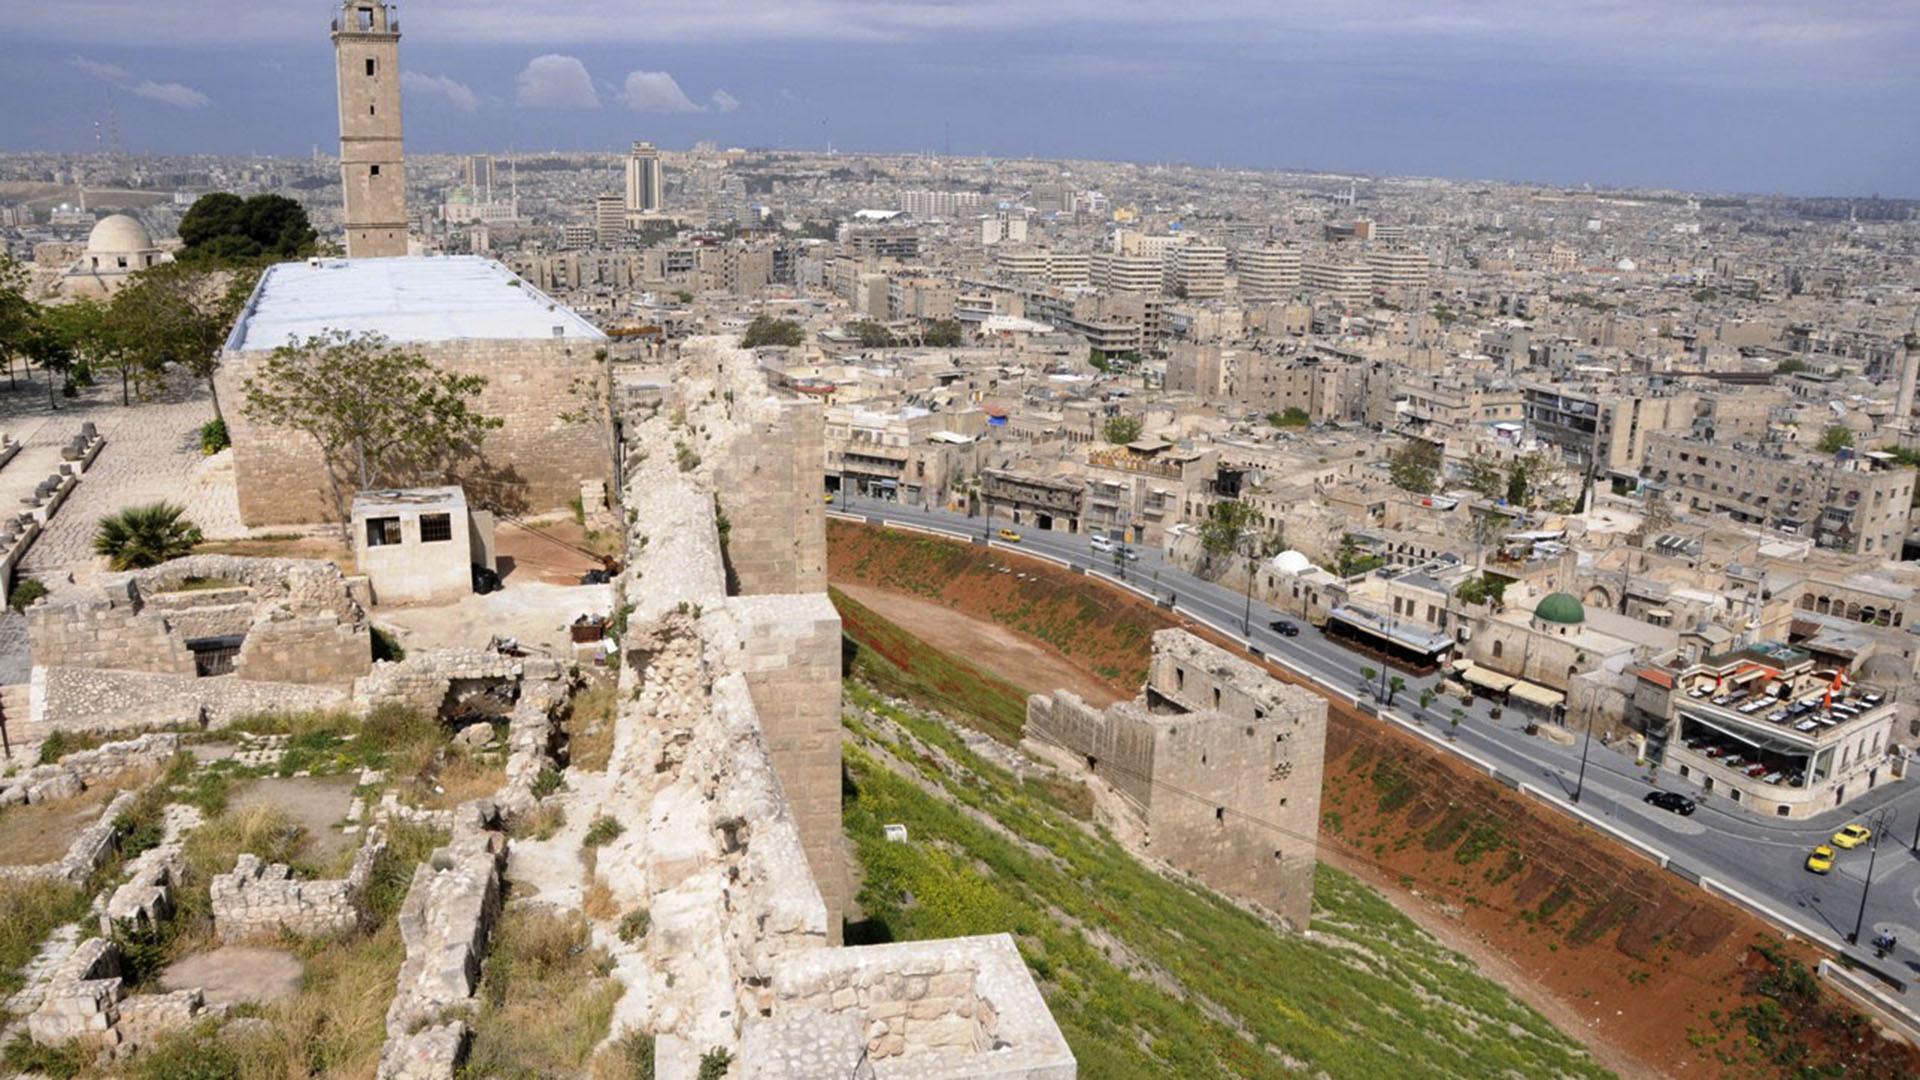 Alepo - Alleppo - Halab - Halepp